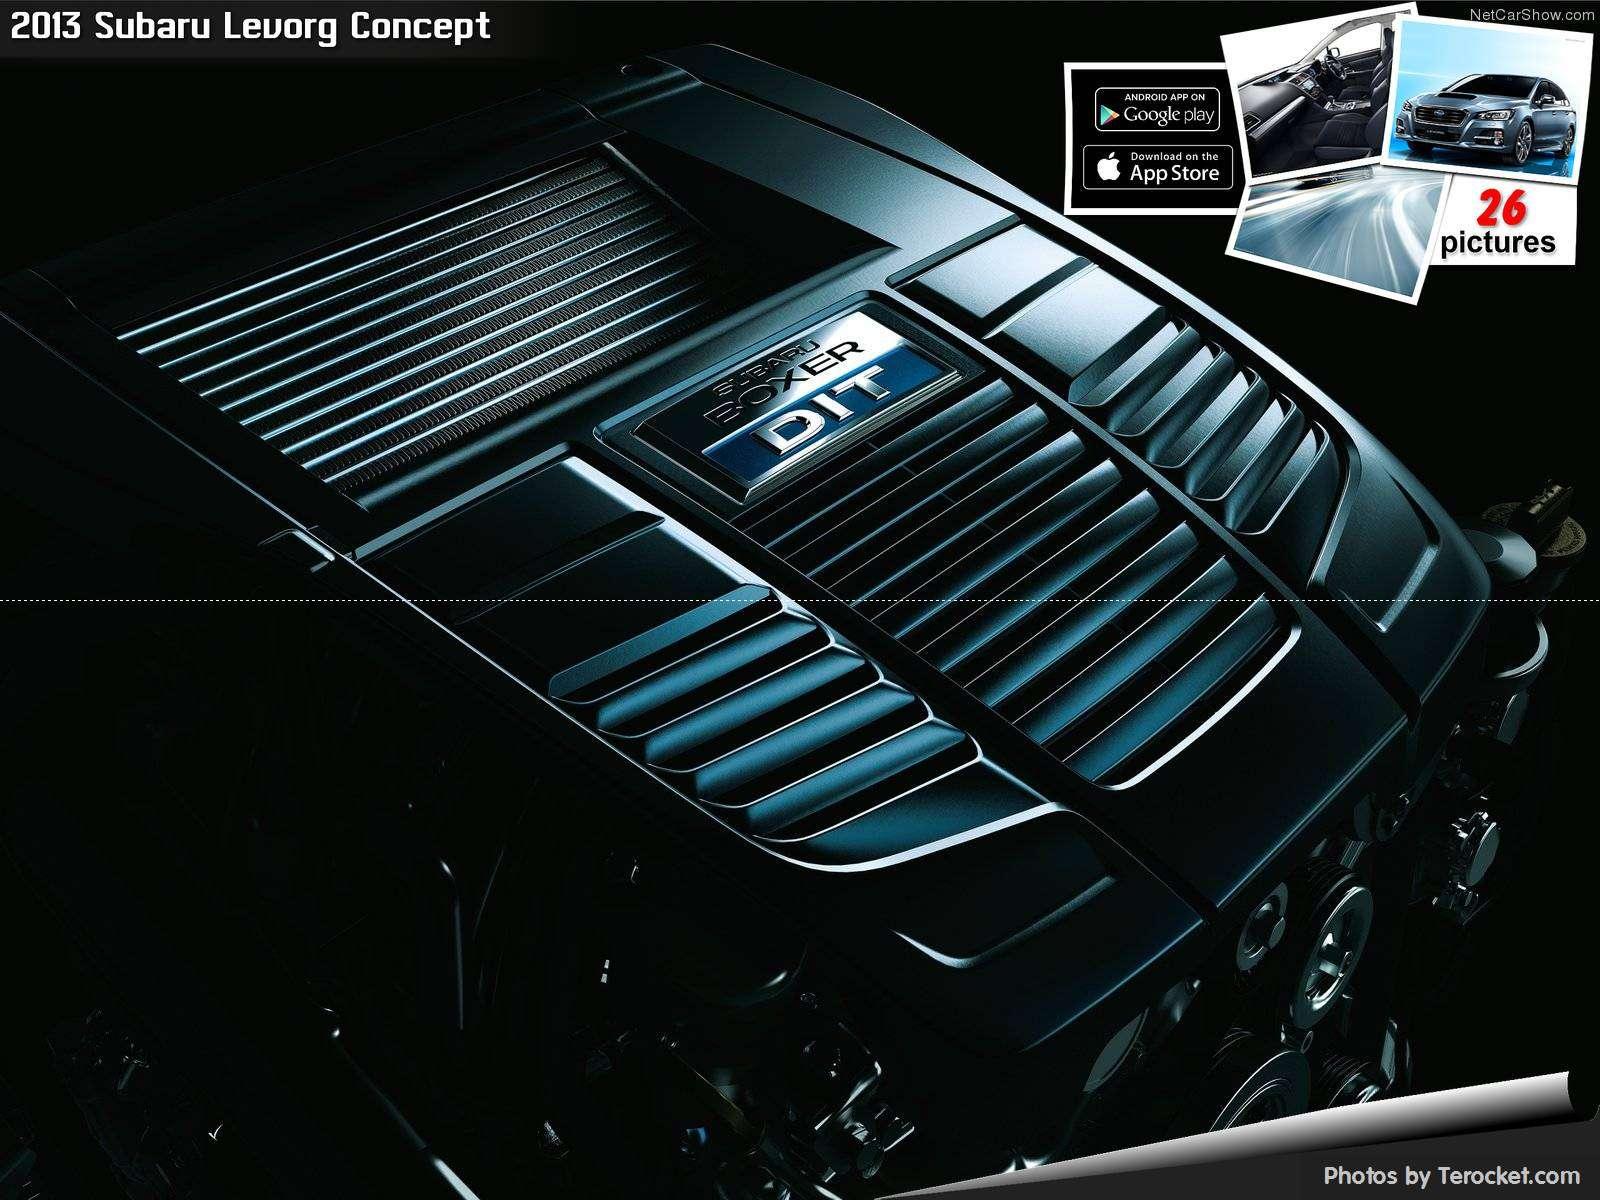 Hình ảnh xe ô tô Subaru Levorg Concept 2013 & nội ngoại thất